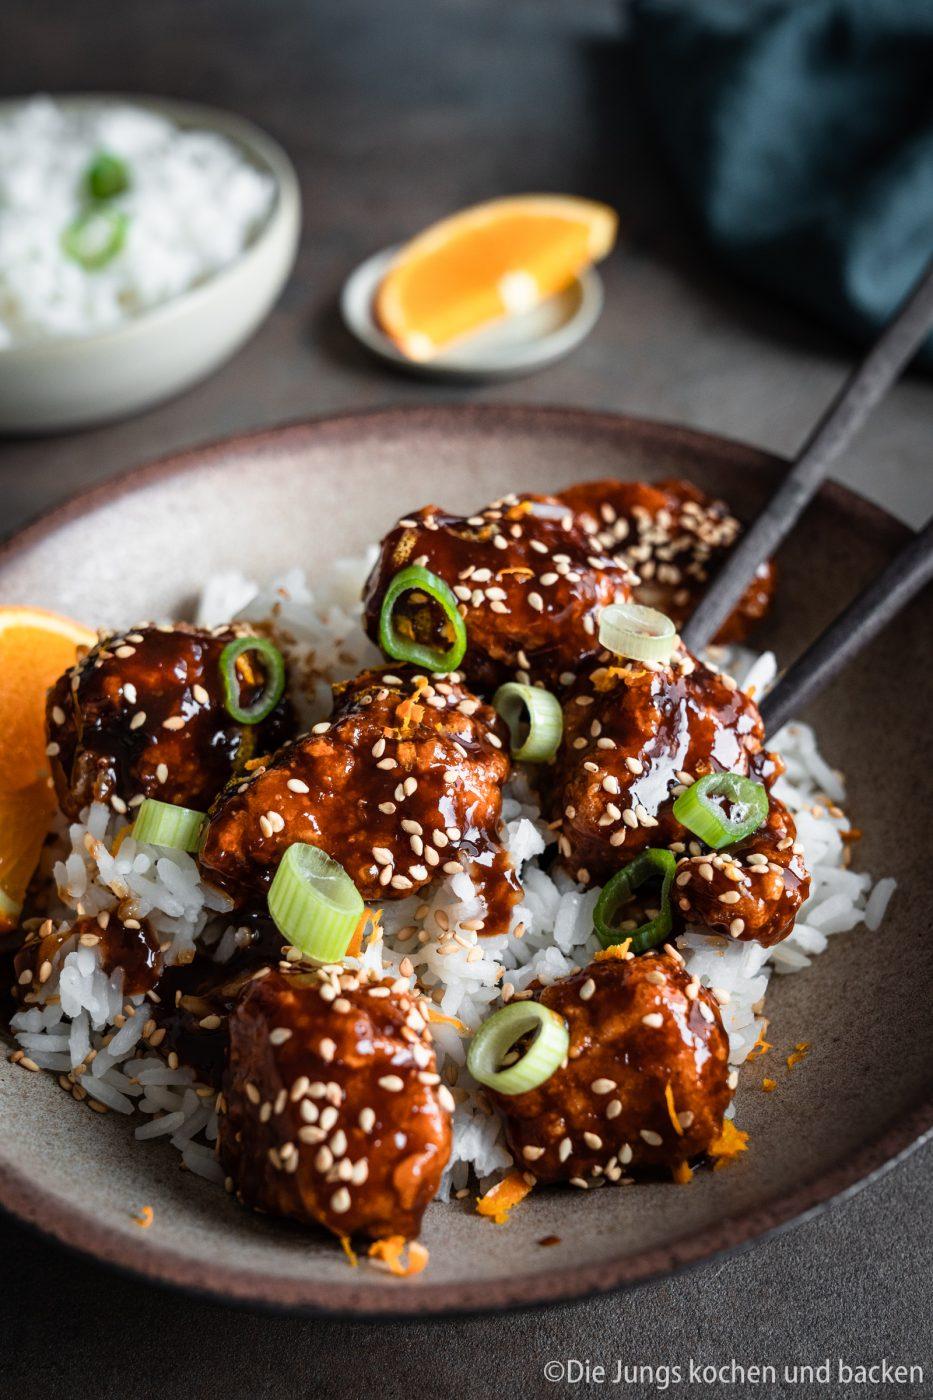 Orange Chicken 5 | Wie steht ihr zu herzhaften Gerichten mit einer süßlichen Komponente? Ich liebe es!!! Meine erste Berührungspunkte damit hatte ich im asiatischen Essen. Als es das erste mal ein mildes Curry mit Früchten bei mir gab, war es um mich geschehen ... na ja, es ist sogar ein wenig mehr als das. Sobald ich etwas auf einer Speisekarte erblicke, das mit süßen, fruchtigen Aromen gemacht ist, weiß Torsten sofort, was ich bestelle. Genau so ging es mir bei unserem heutigen Rezept, das mich von der Karte anlächelte und seither kochen wir beide es immer wieder gerne selber in unserer Küche - Orange Chicken!